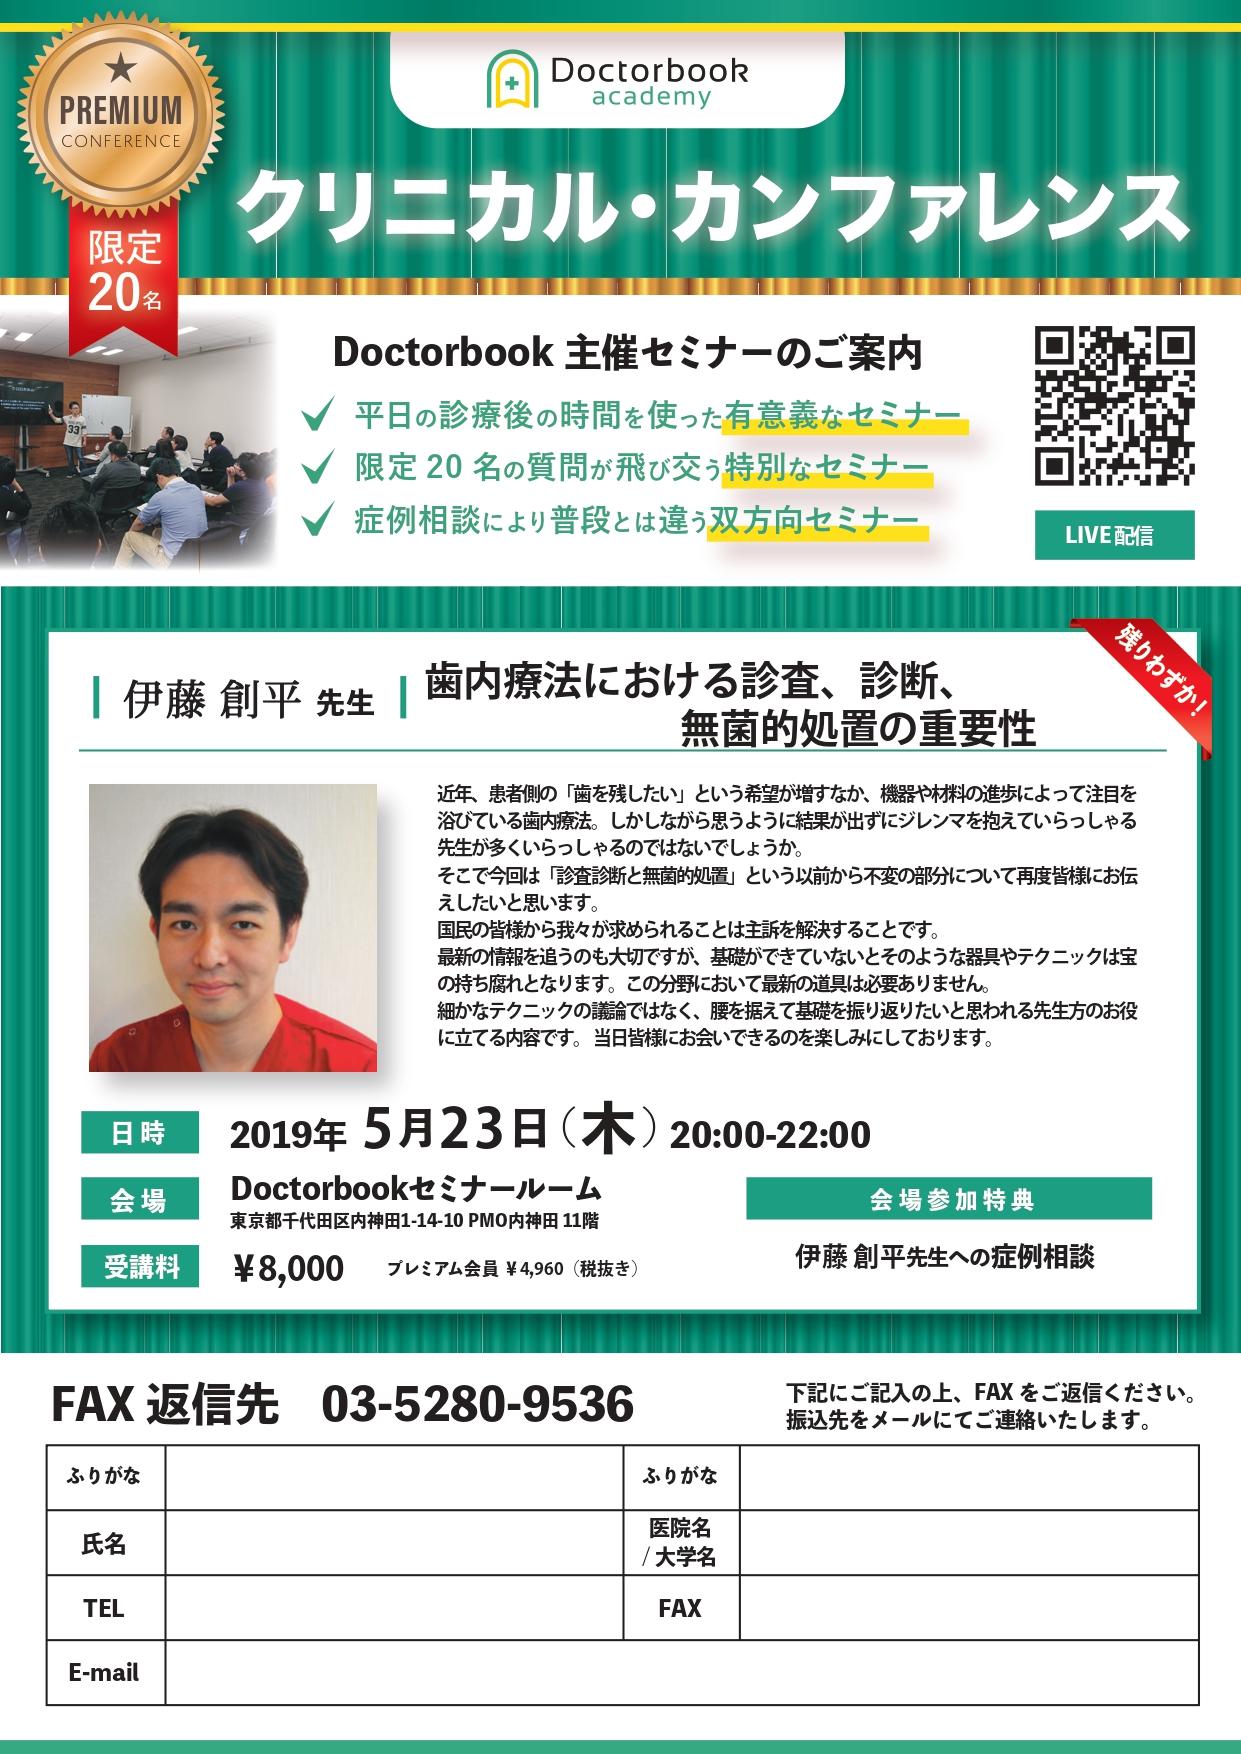 伊藤創平先生「歯内療法における診査、診断、無菌的処置の重要性」クリニカル・カンファレンス